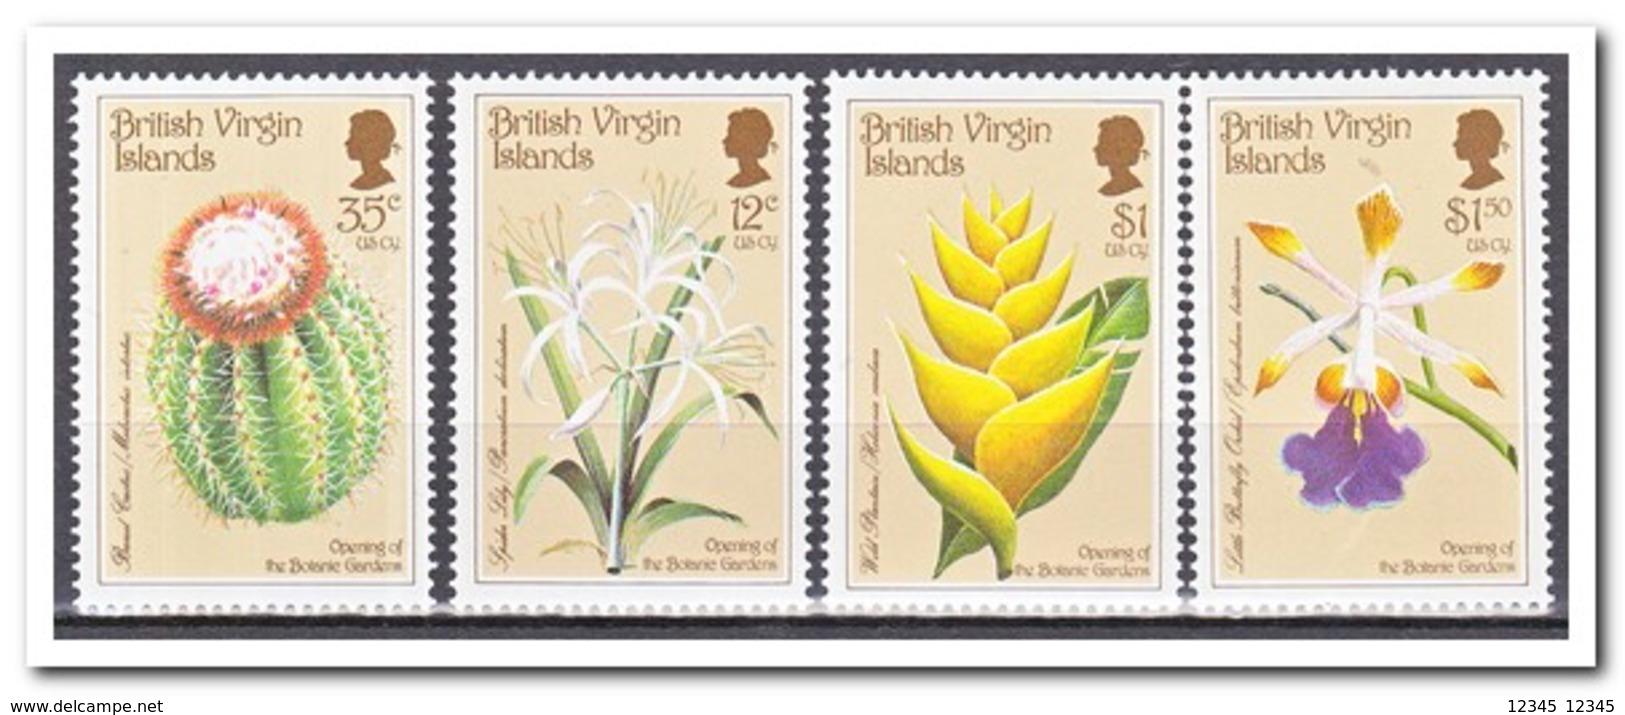 Britse Maagdeneilanden 1987, Postfris MNH, Cacti, Flowers - Britse Maagdeneilanden